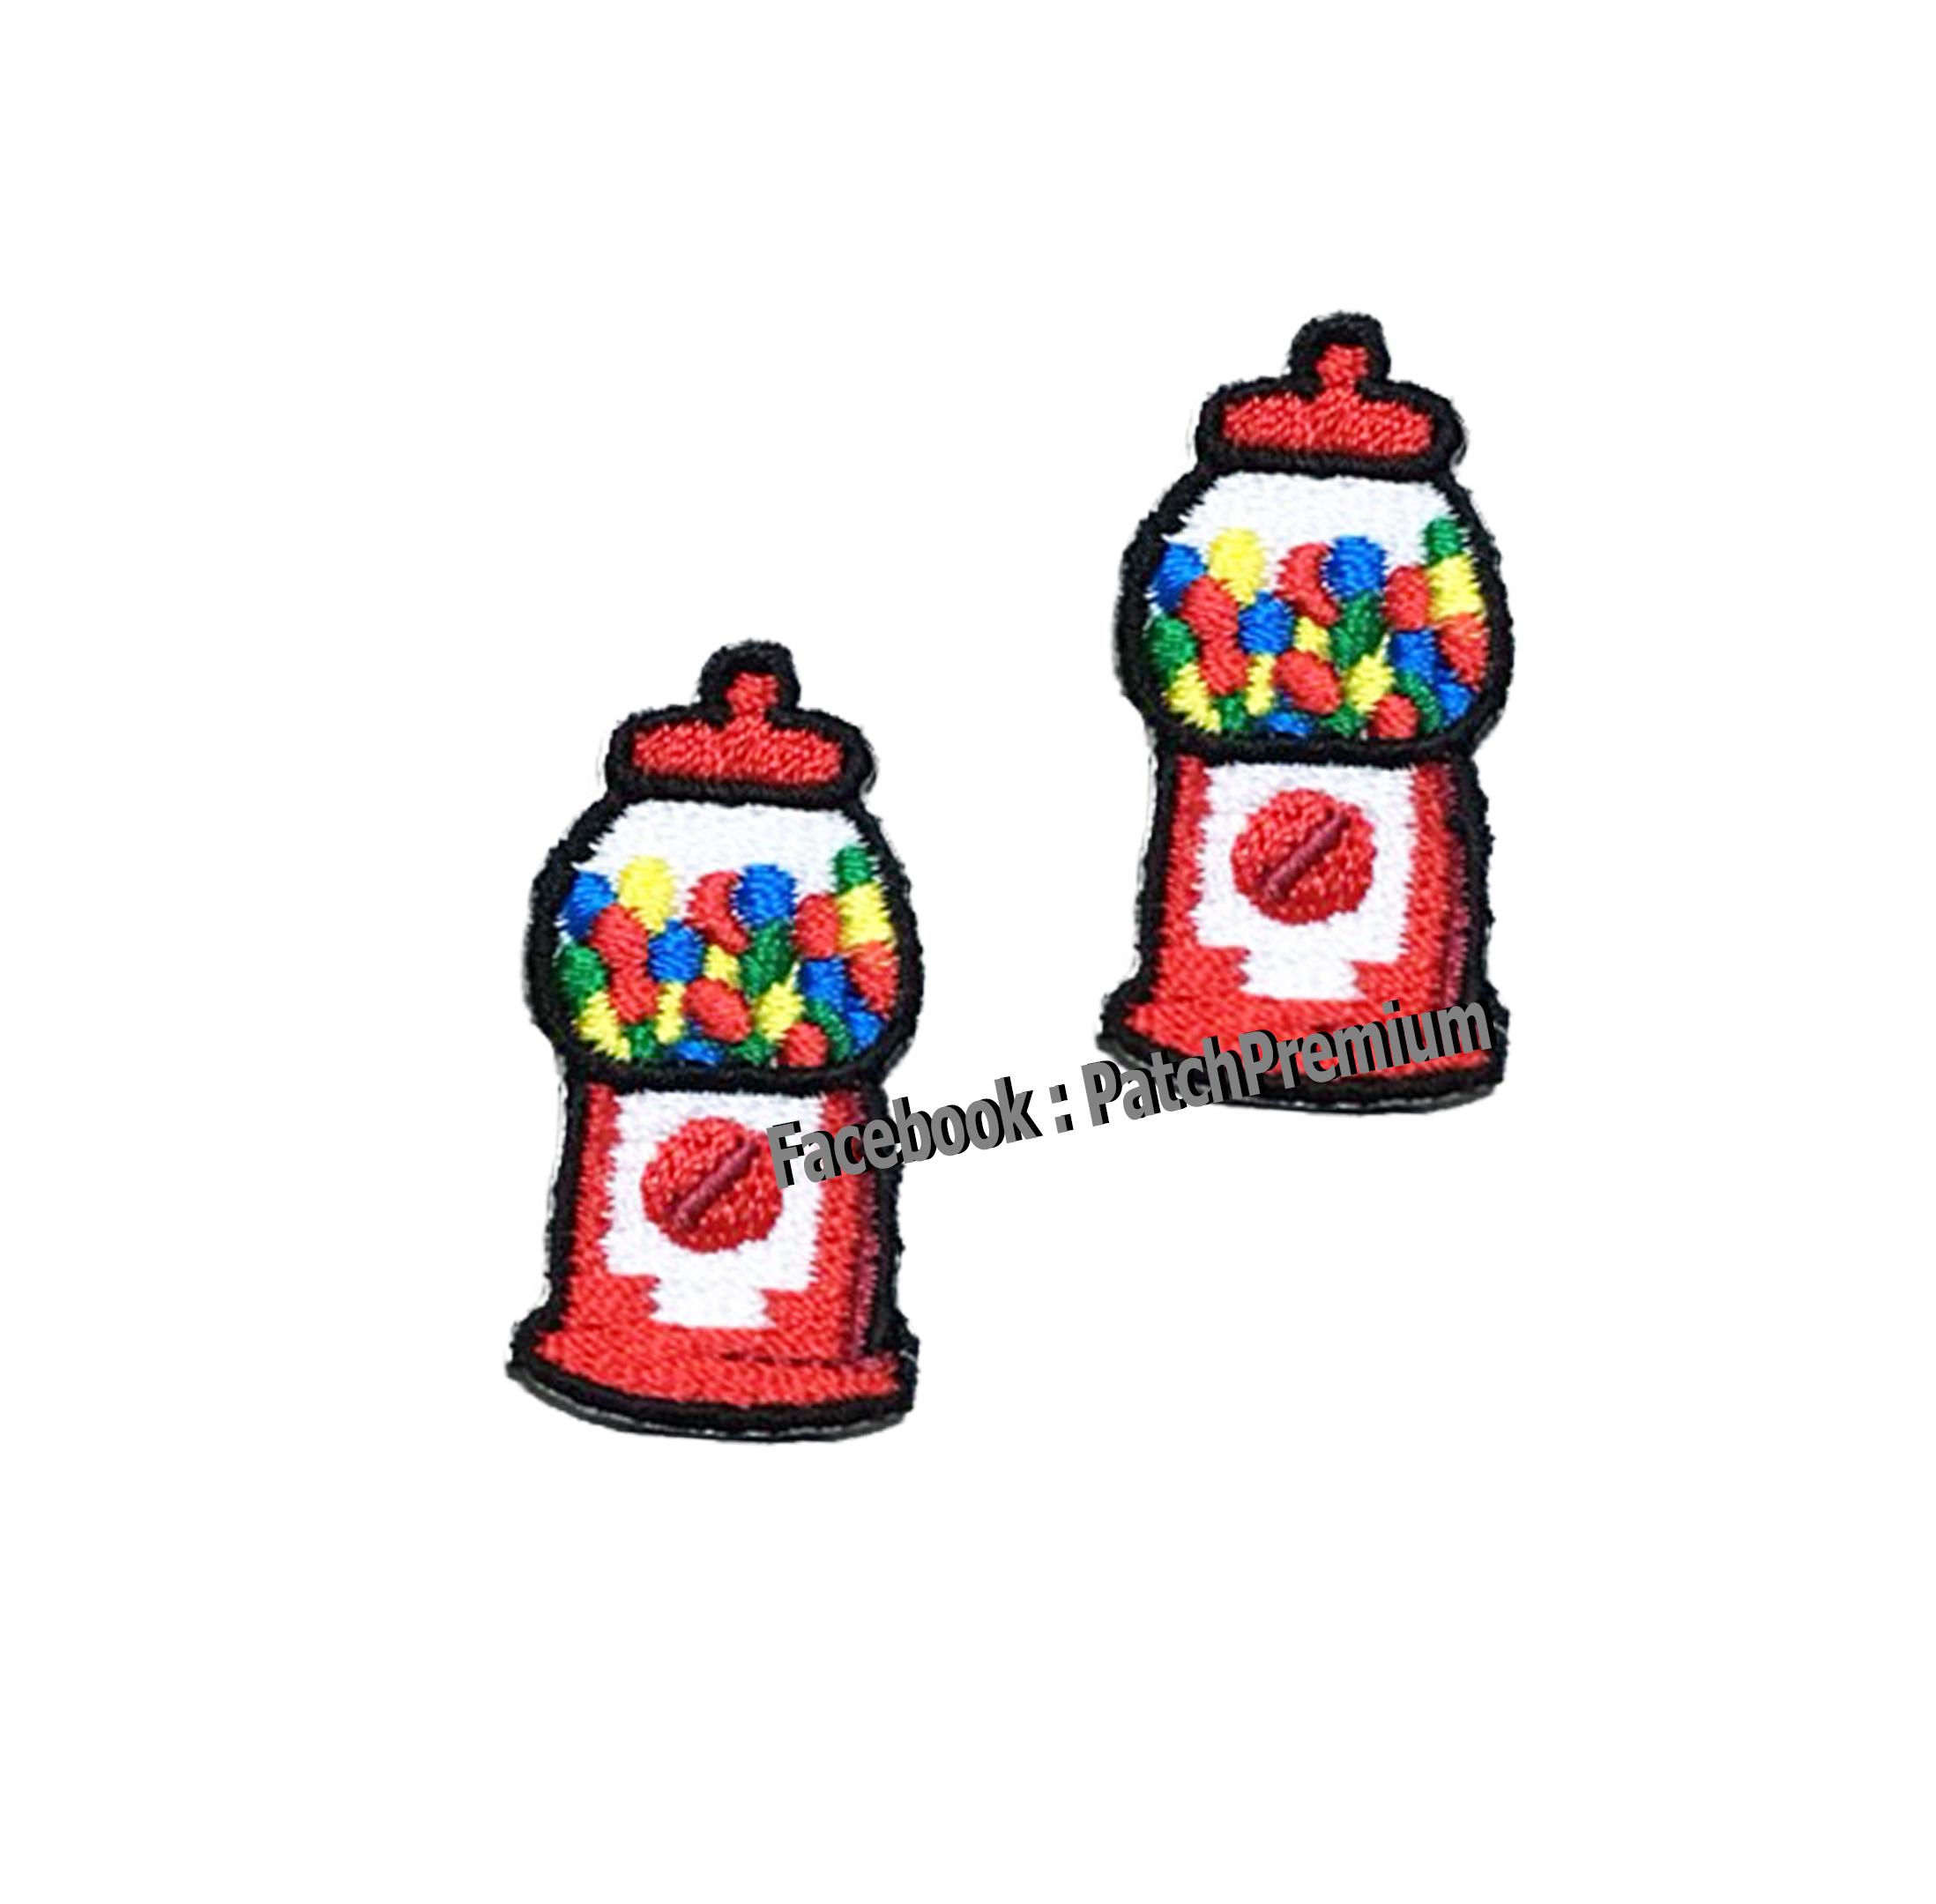 ตู้หมุนไข่ ไซส์เล็ก (ขายเป็นคู่ๆละ 35บ.) - ตัวรีด (Size S)